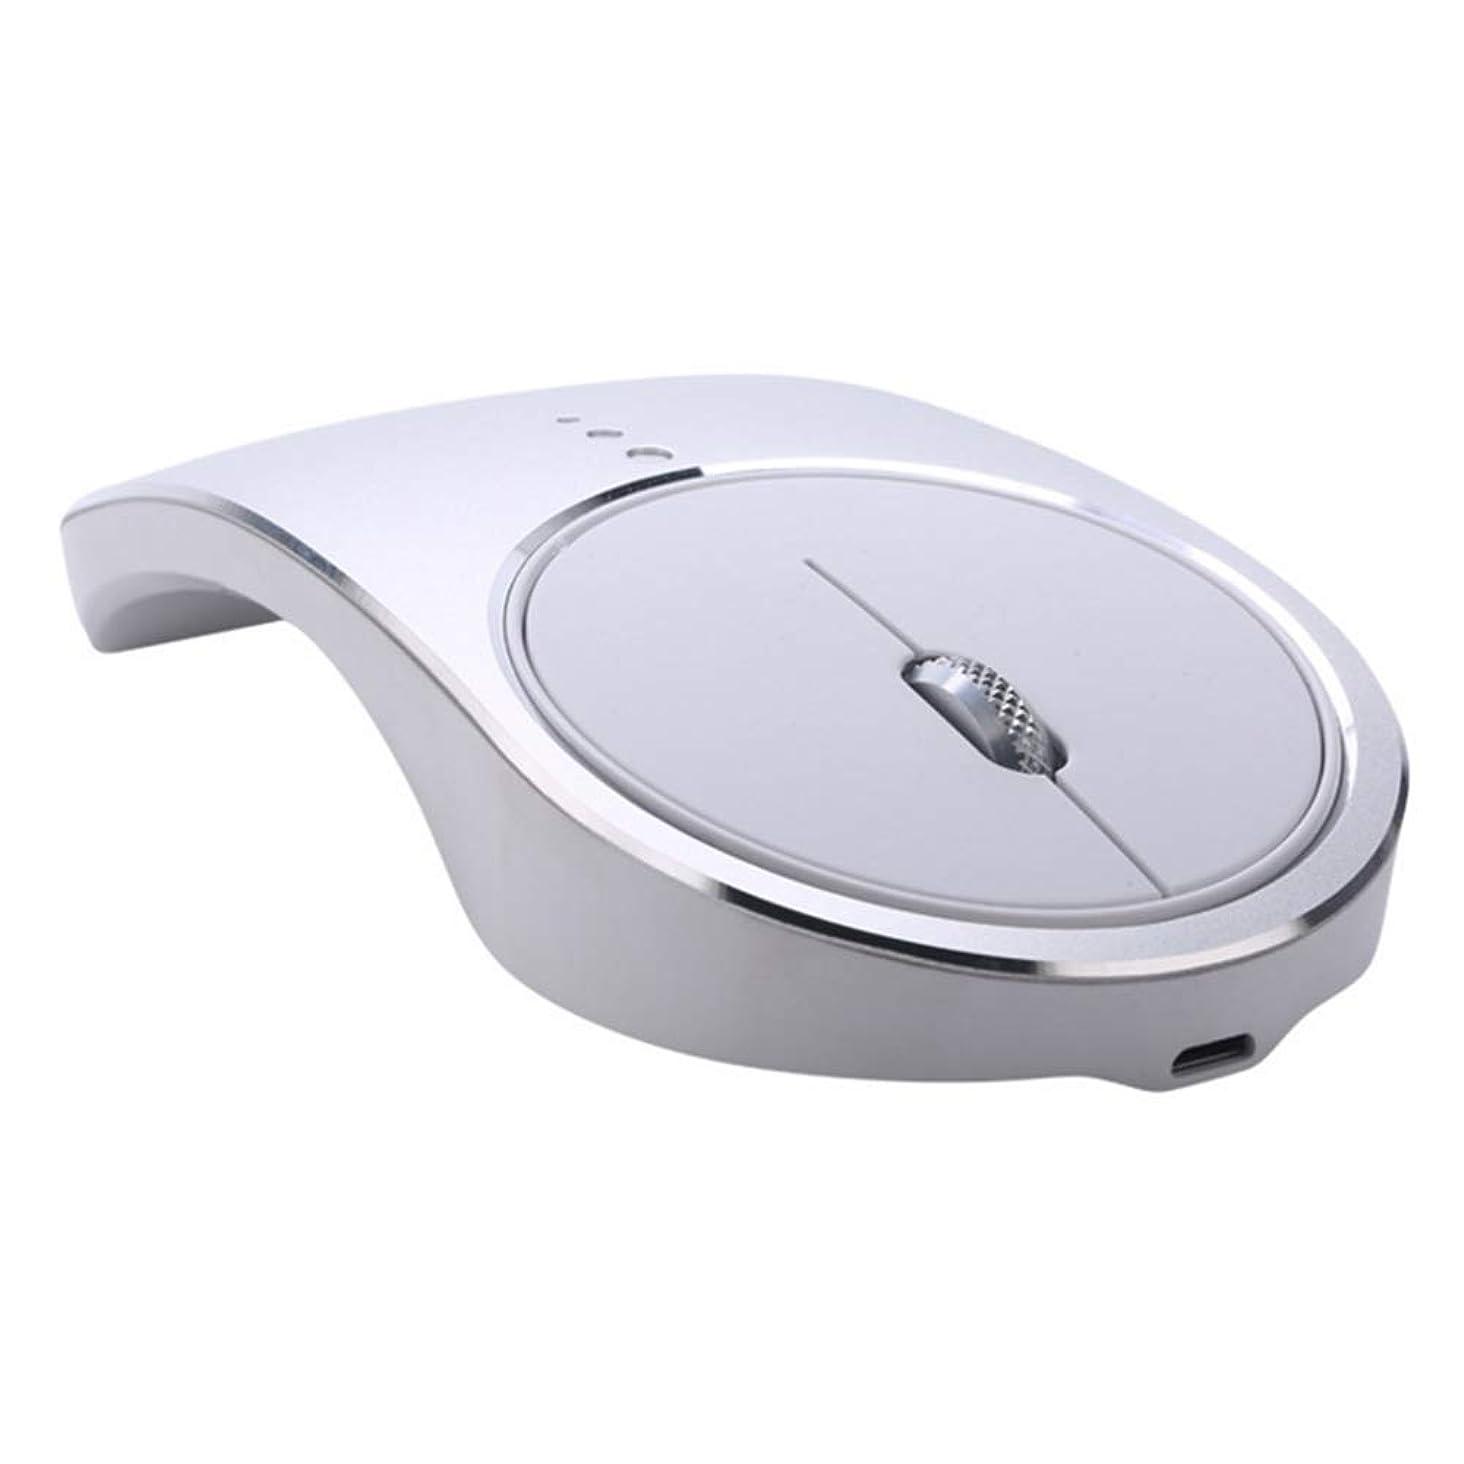 リングテーマミケランジェロYQMS1100 USB4つのボタン、ラップトップとPCのための3つの調整可能なDPIレベルによるYQJK - 110充電式ラップトップ無線ゲームマウス光学式マウス